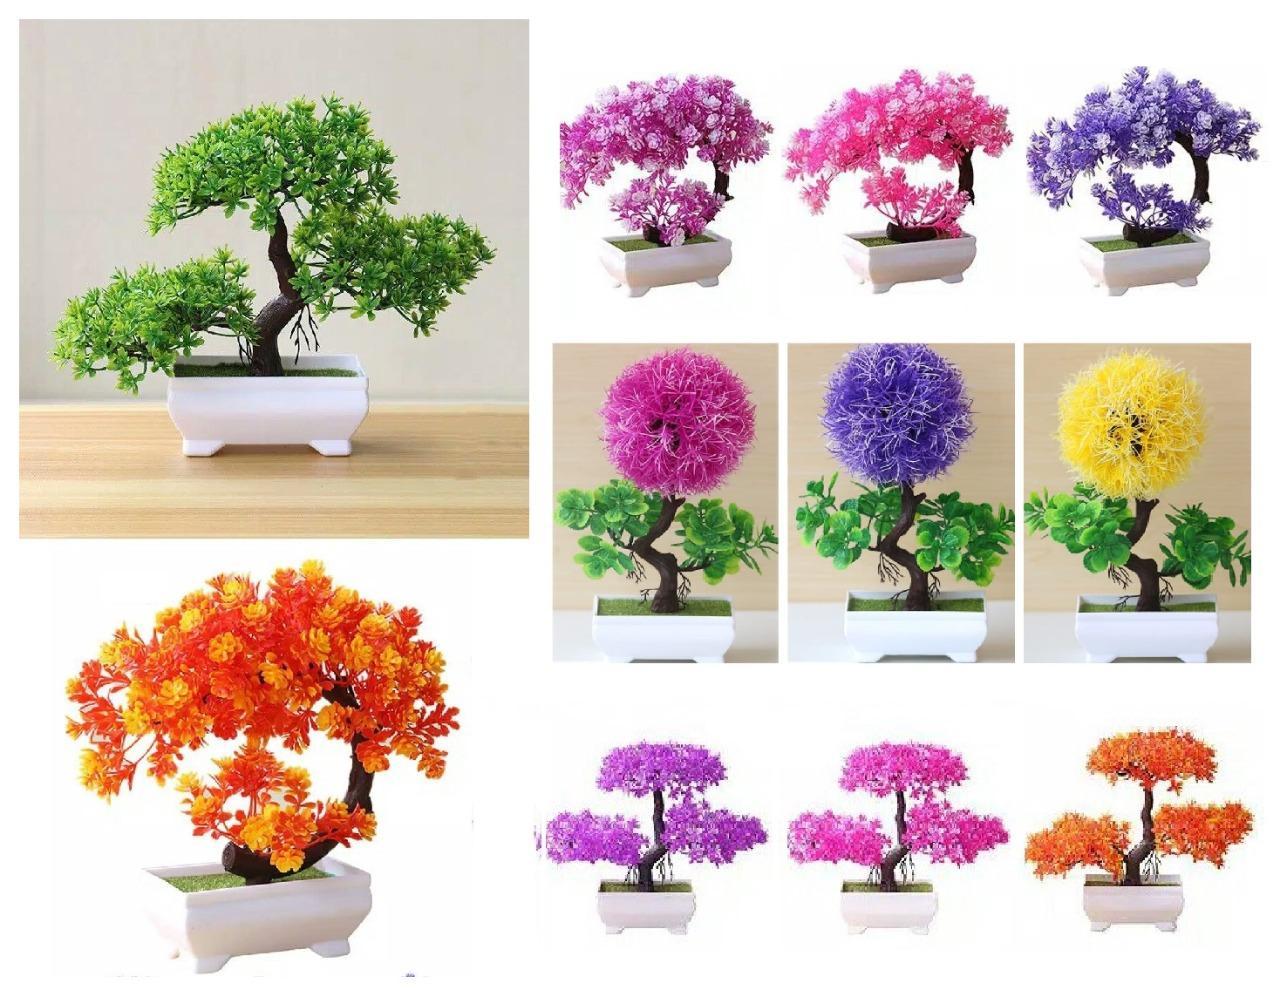 Vinstelle Ornamen Tanaman Pohon Hias Bentuk Bonsai Dekorasi Bunga Plastik Artificial Flower Hiasan Rumah Lazada Indonesia